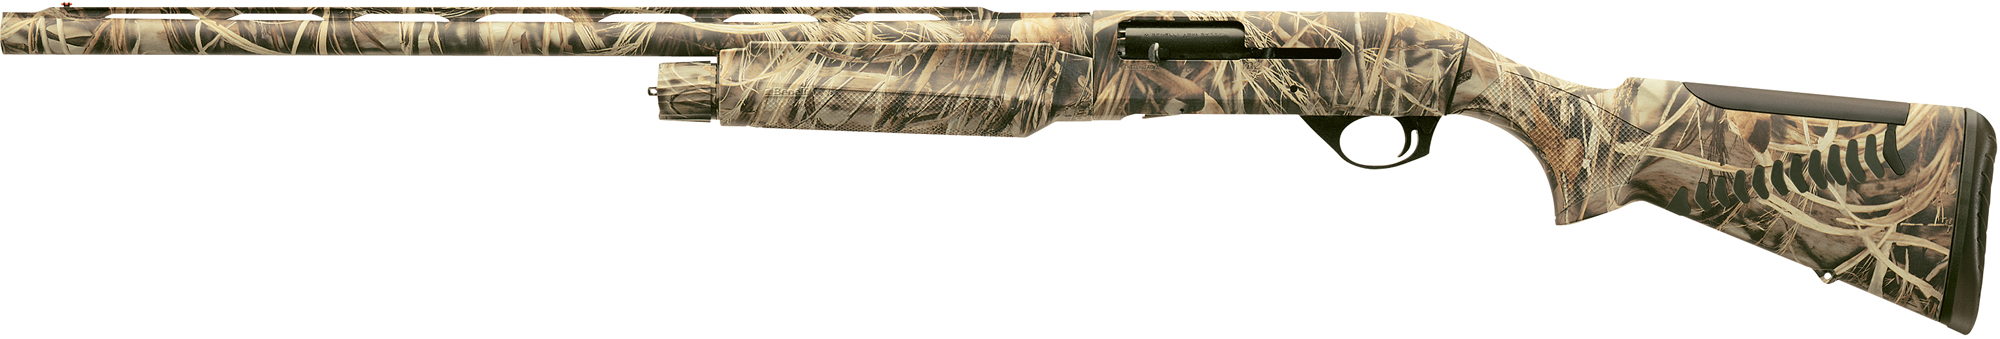 """Benelli M2 Field w/ComforTech Left-Hand Semi-Auto Shotgun 11121, 12 Ga, 28"""", 3"""" Chmbr, Synthetic Stock, Max-5 HD Finish"""